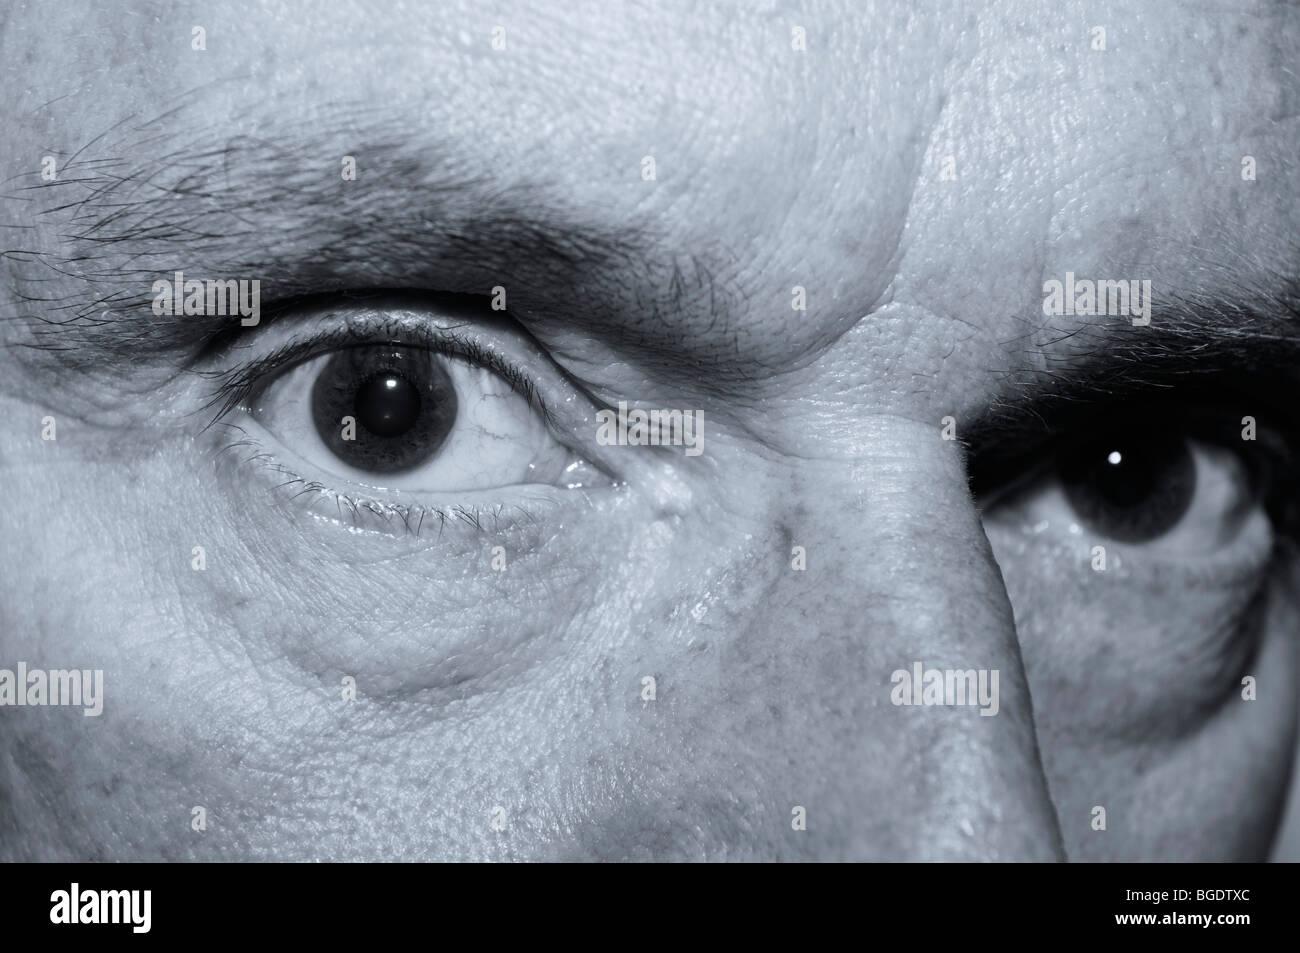 Sinister à close up d'un vieux Mans yeux en monochrome Photo Stock